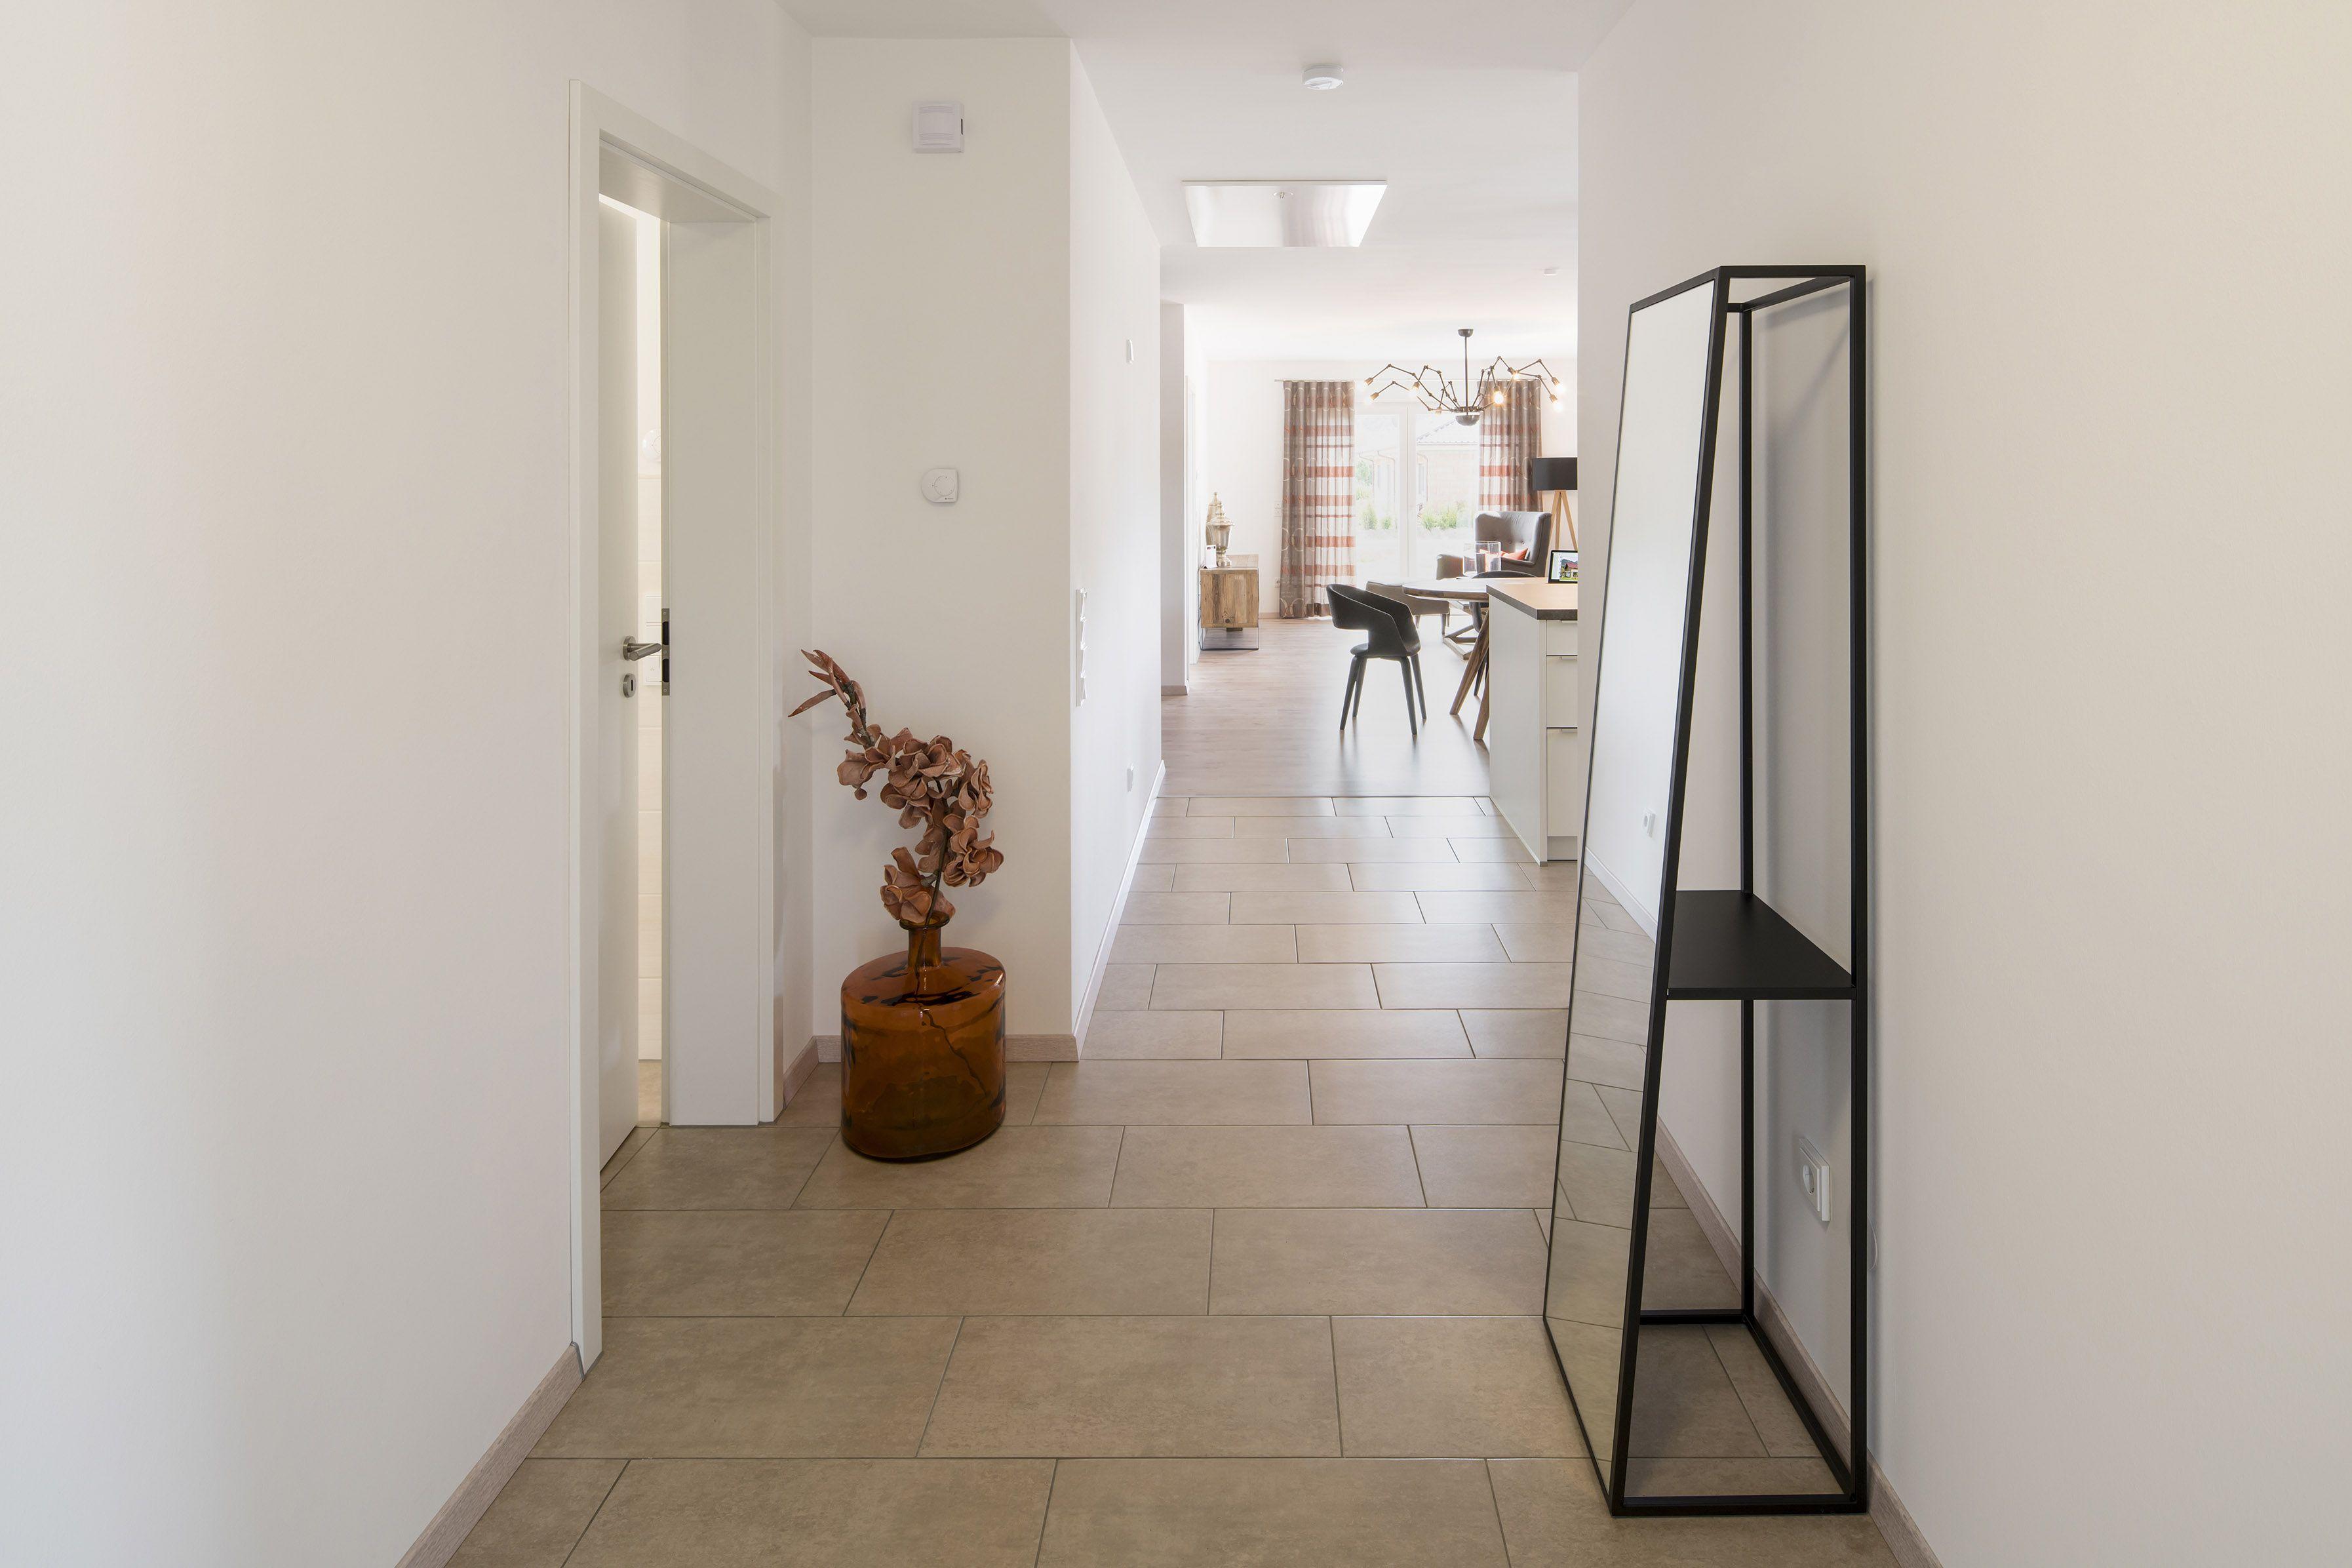 fertighaus wohnideen – flur diele regal mit spiegel in